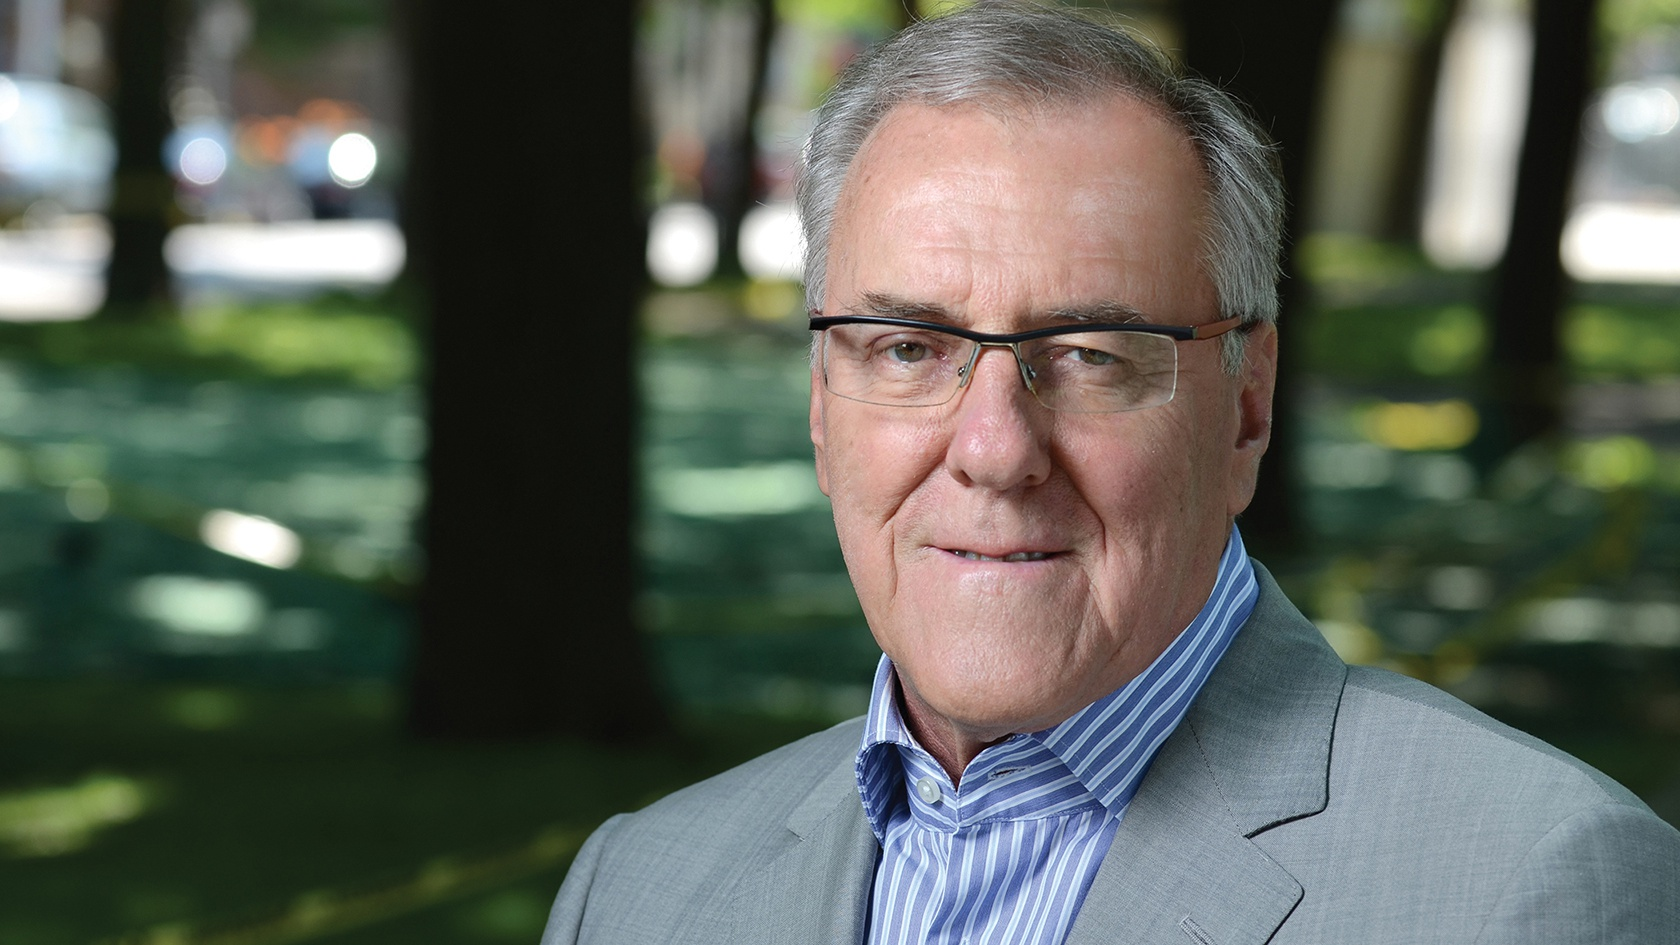 Laurent McCutcheon